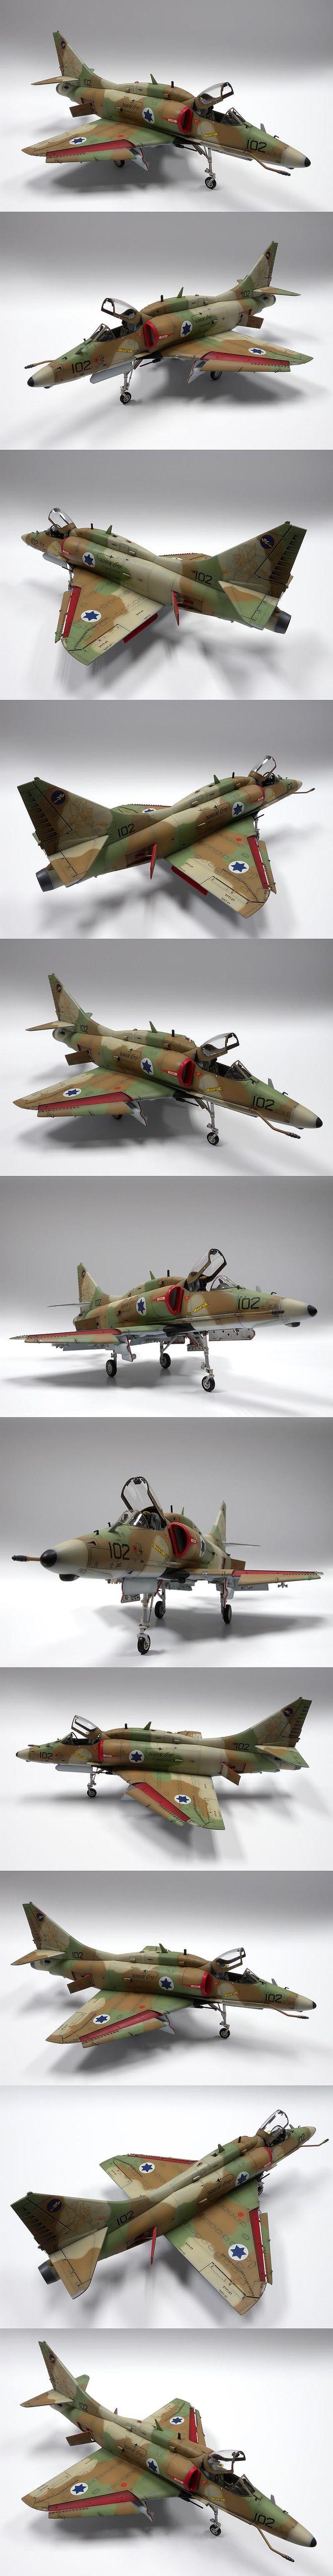 A-4N Skyhawk 1/35 Scale Model